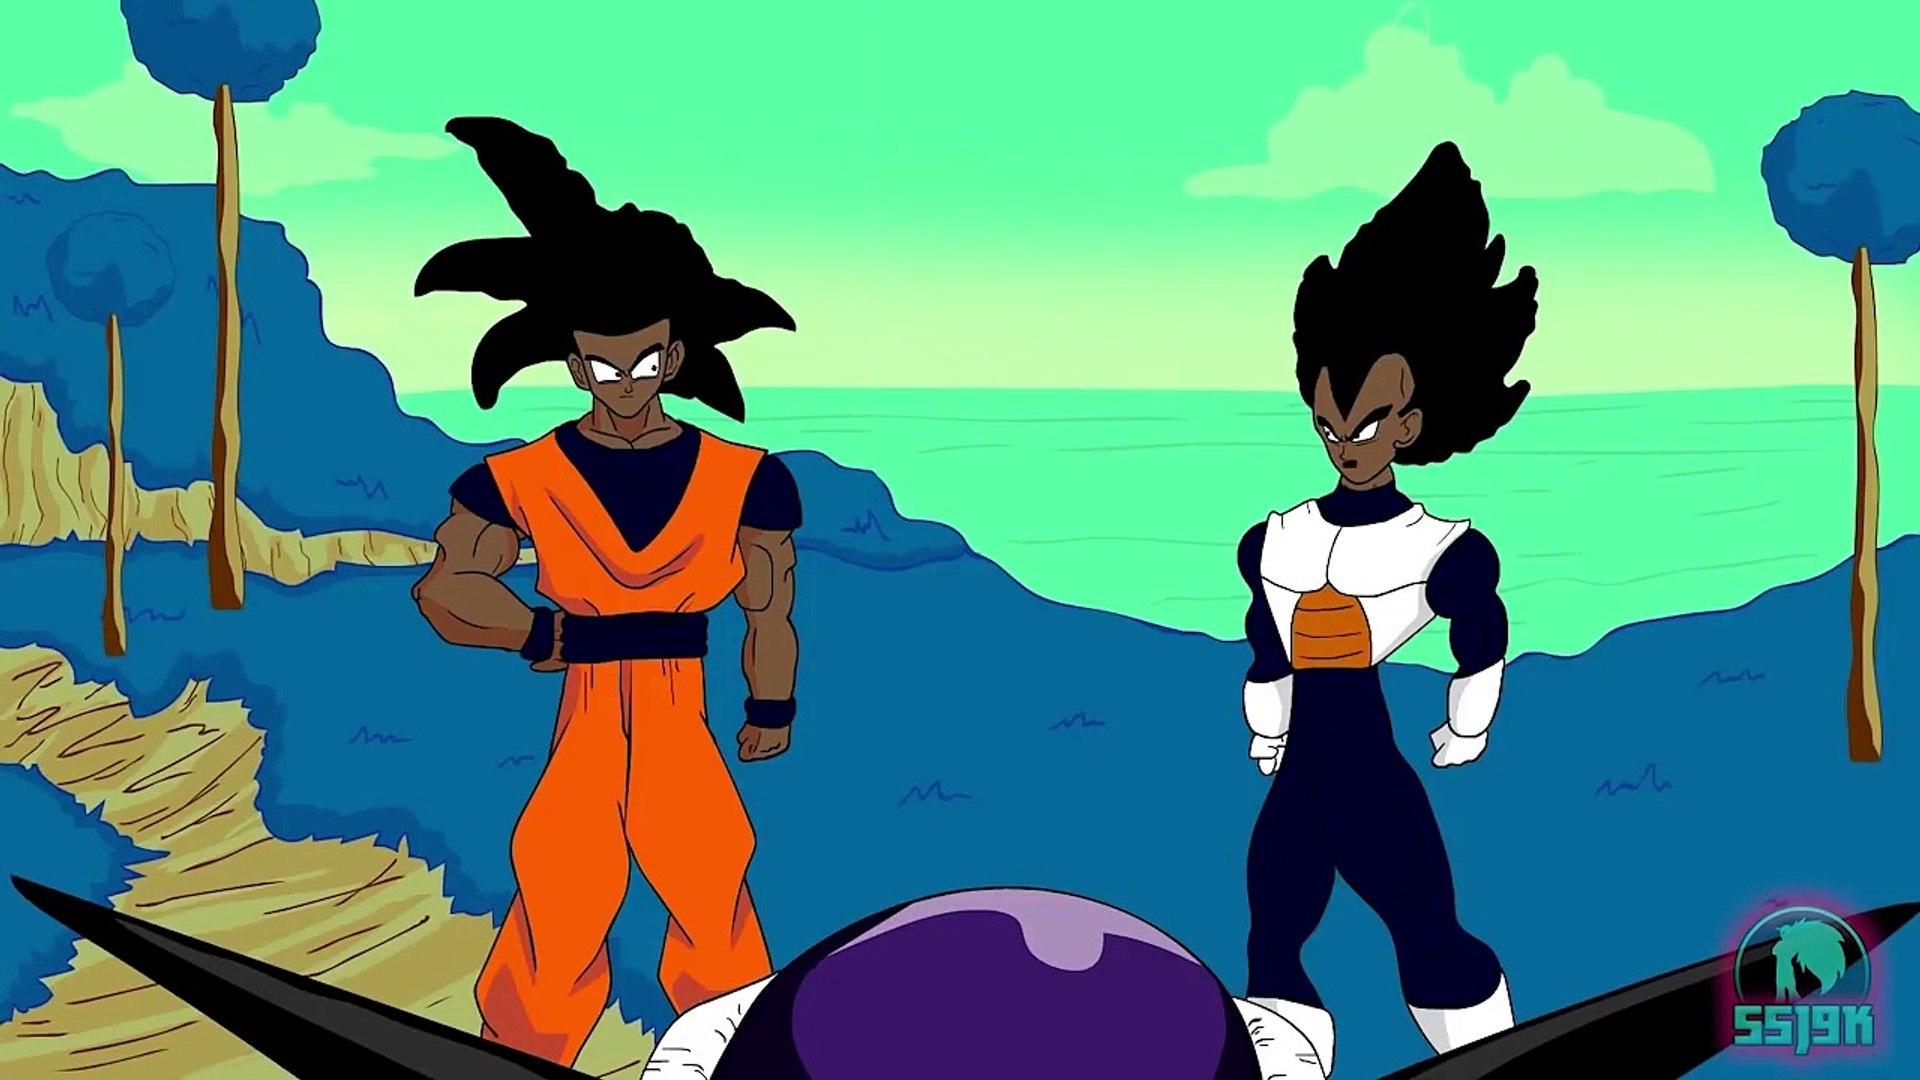 If Goku And Vegeta Were Black Dbz Parody Video Dailymotion